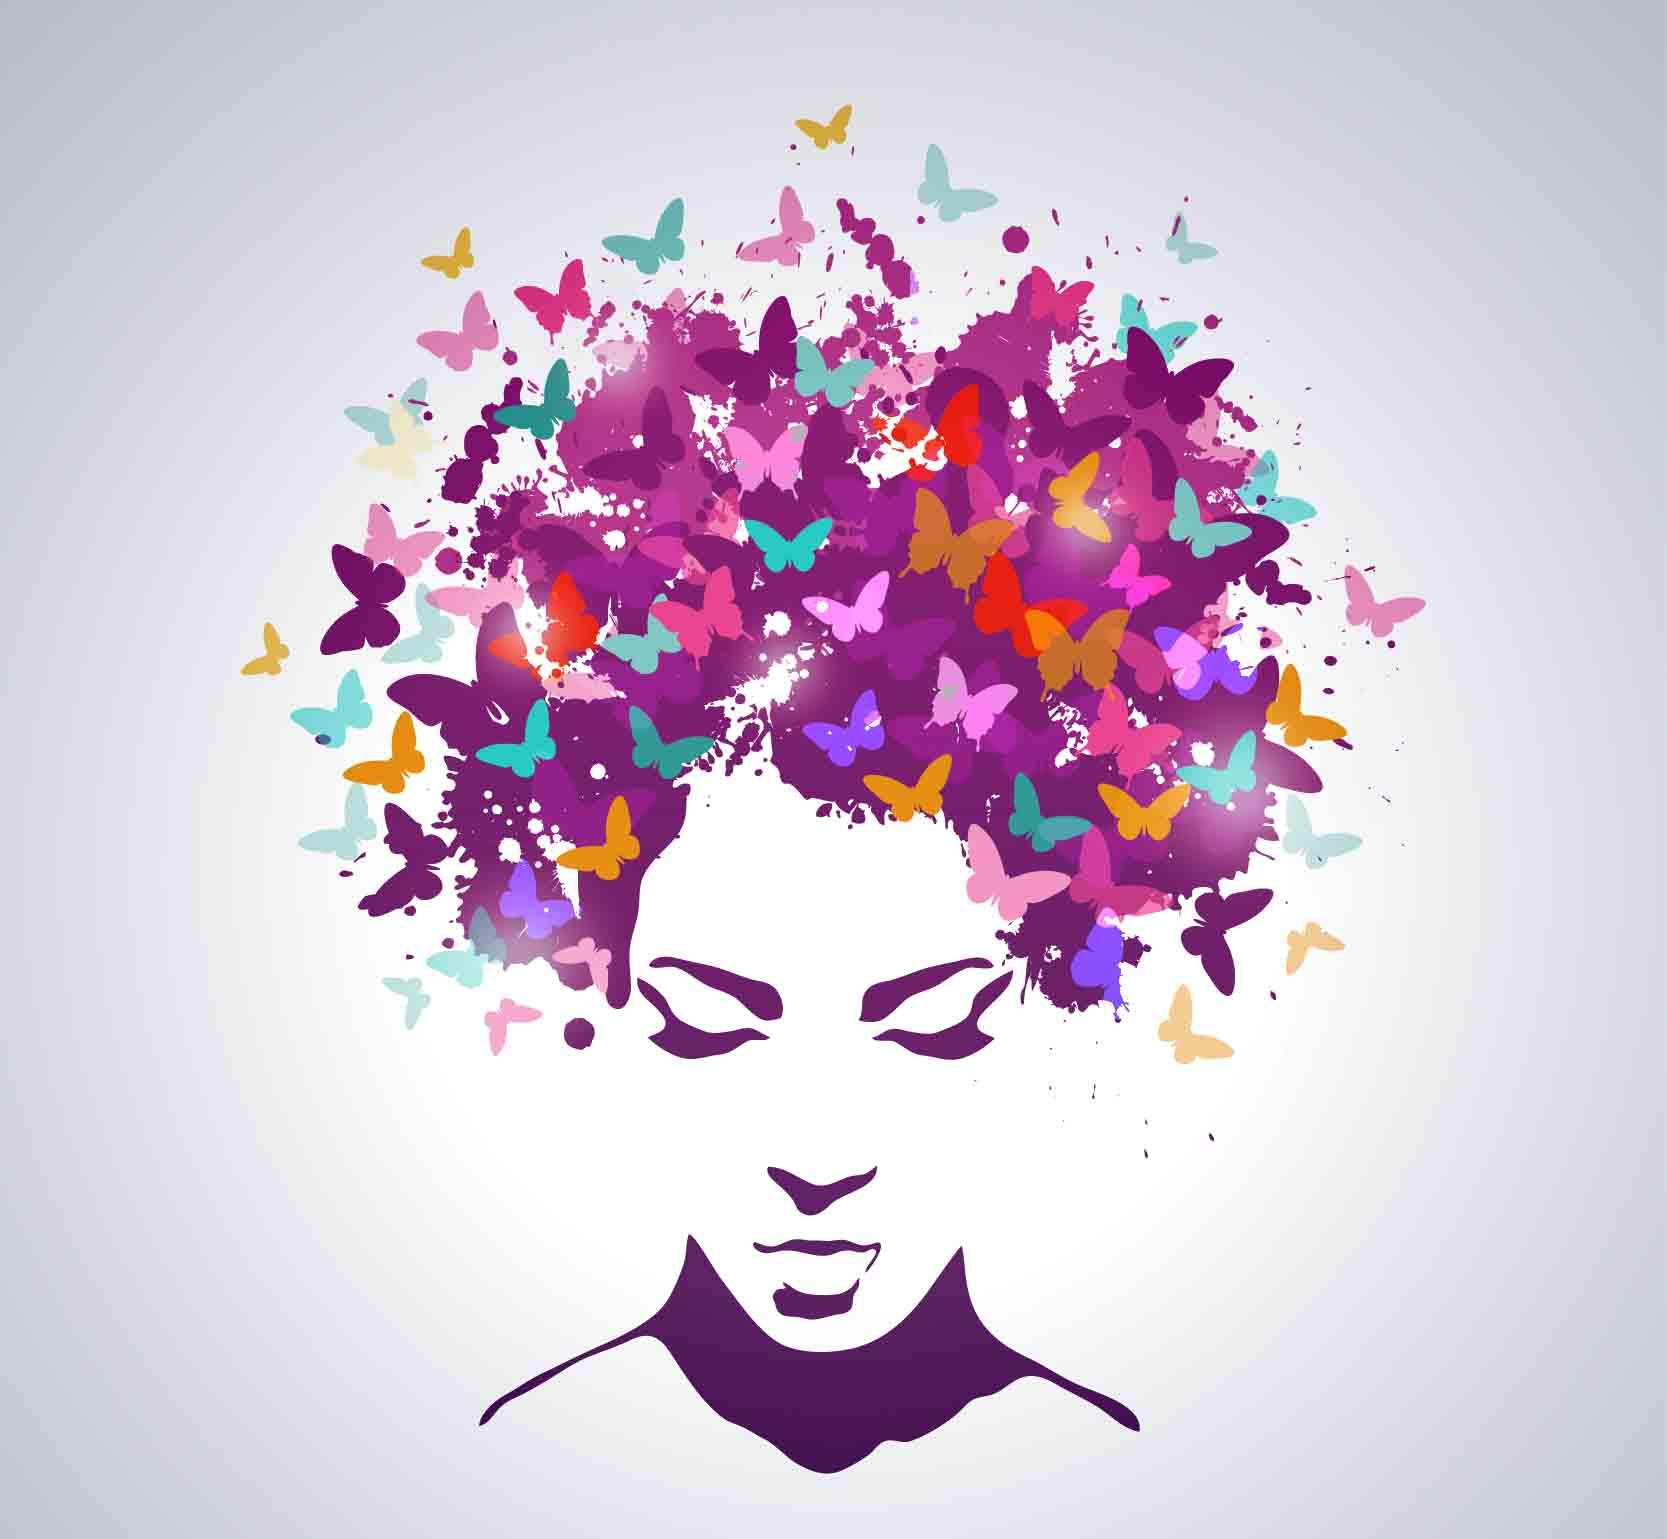 ציור אישה עם פרפרים על הראש